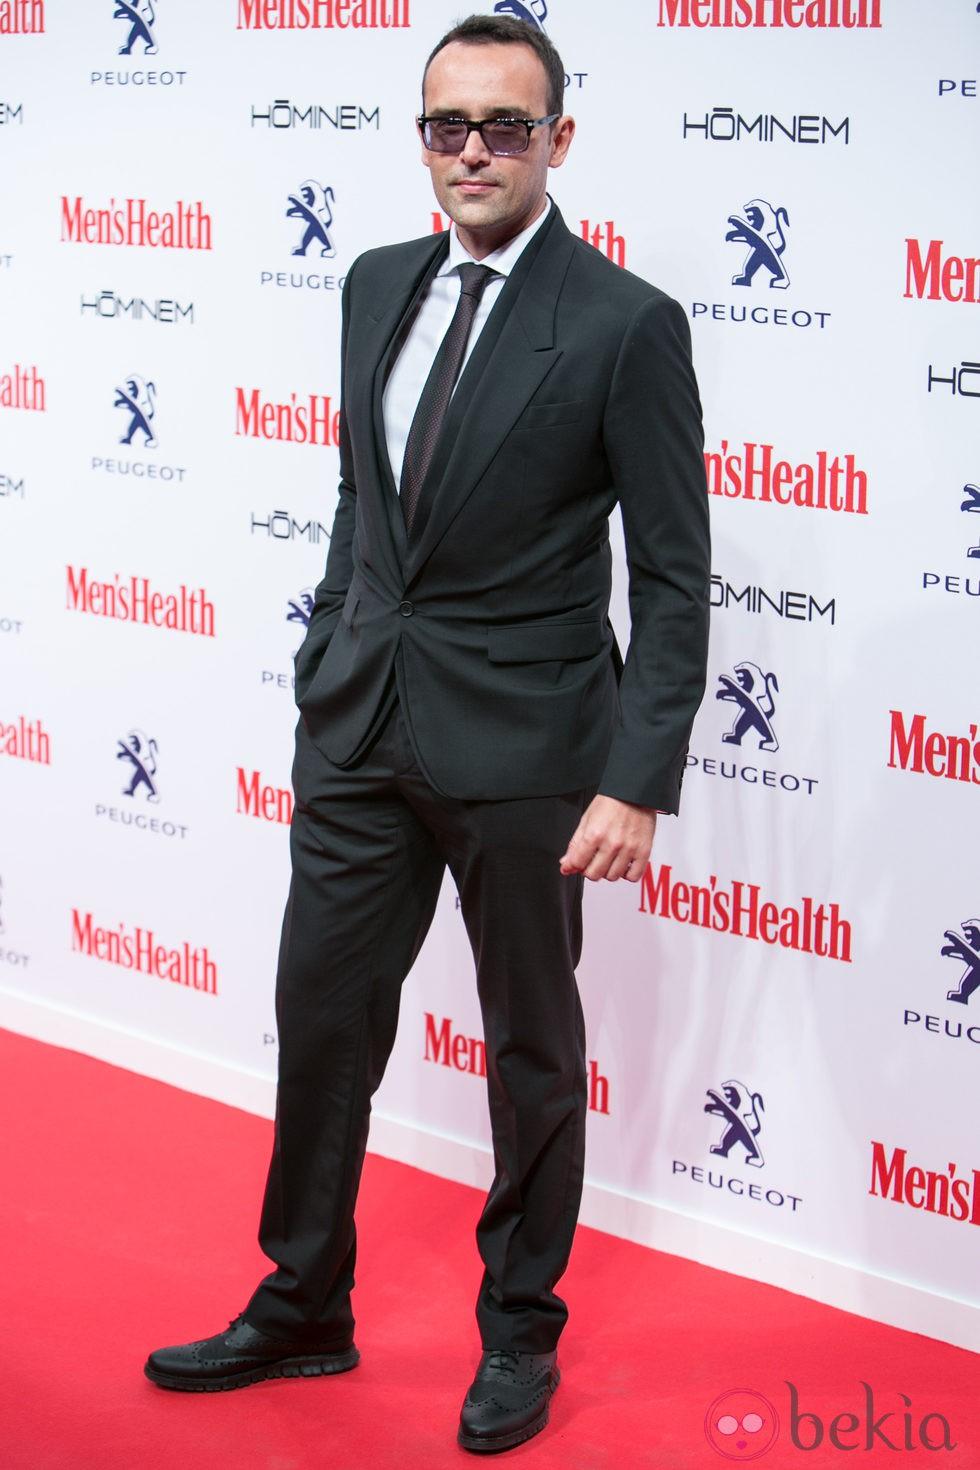 Risto Mejide en la entrega de los Premios Men's Health 2014